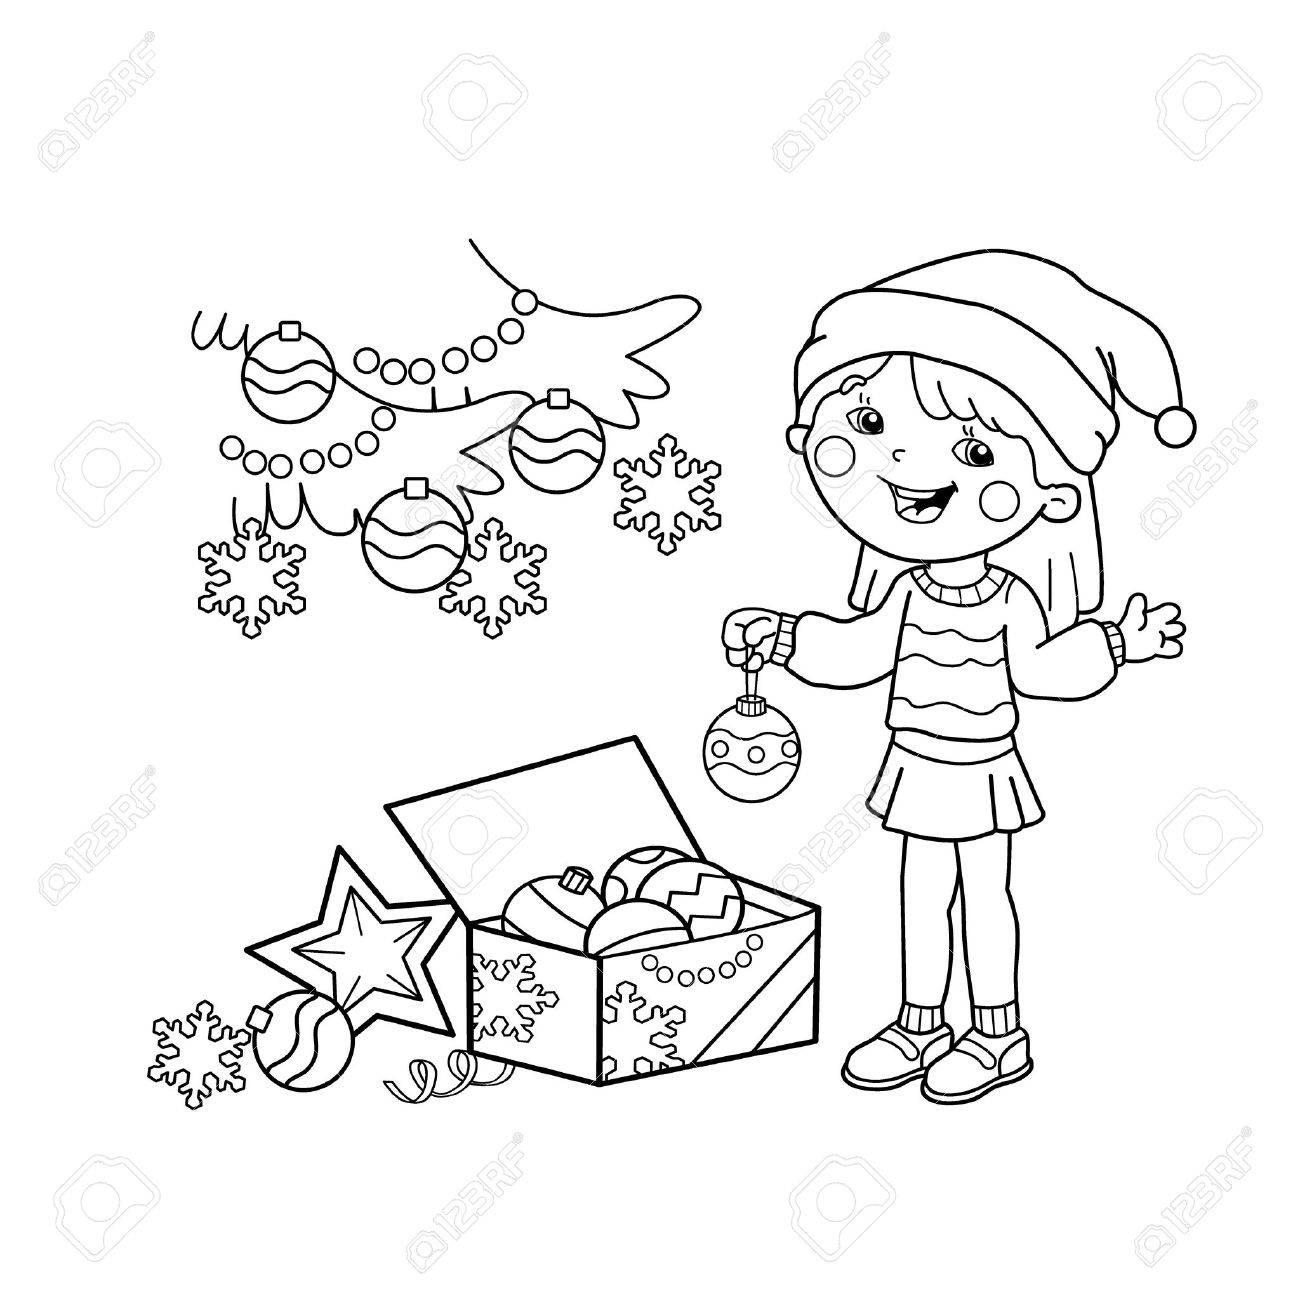 Página Para Colorear Esquema De Dibujos Animados Chica Decorar El árbol De Navidad Con Adornos Y Regalos Navidad Año Nuevo Libro De Colorear